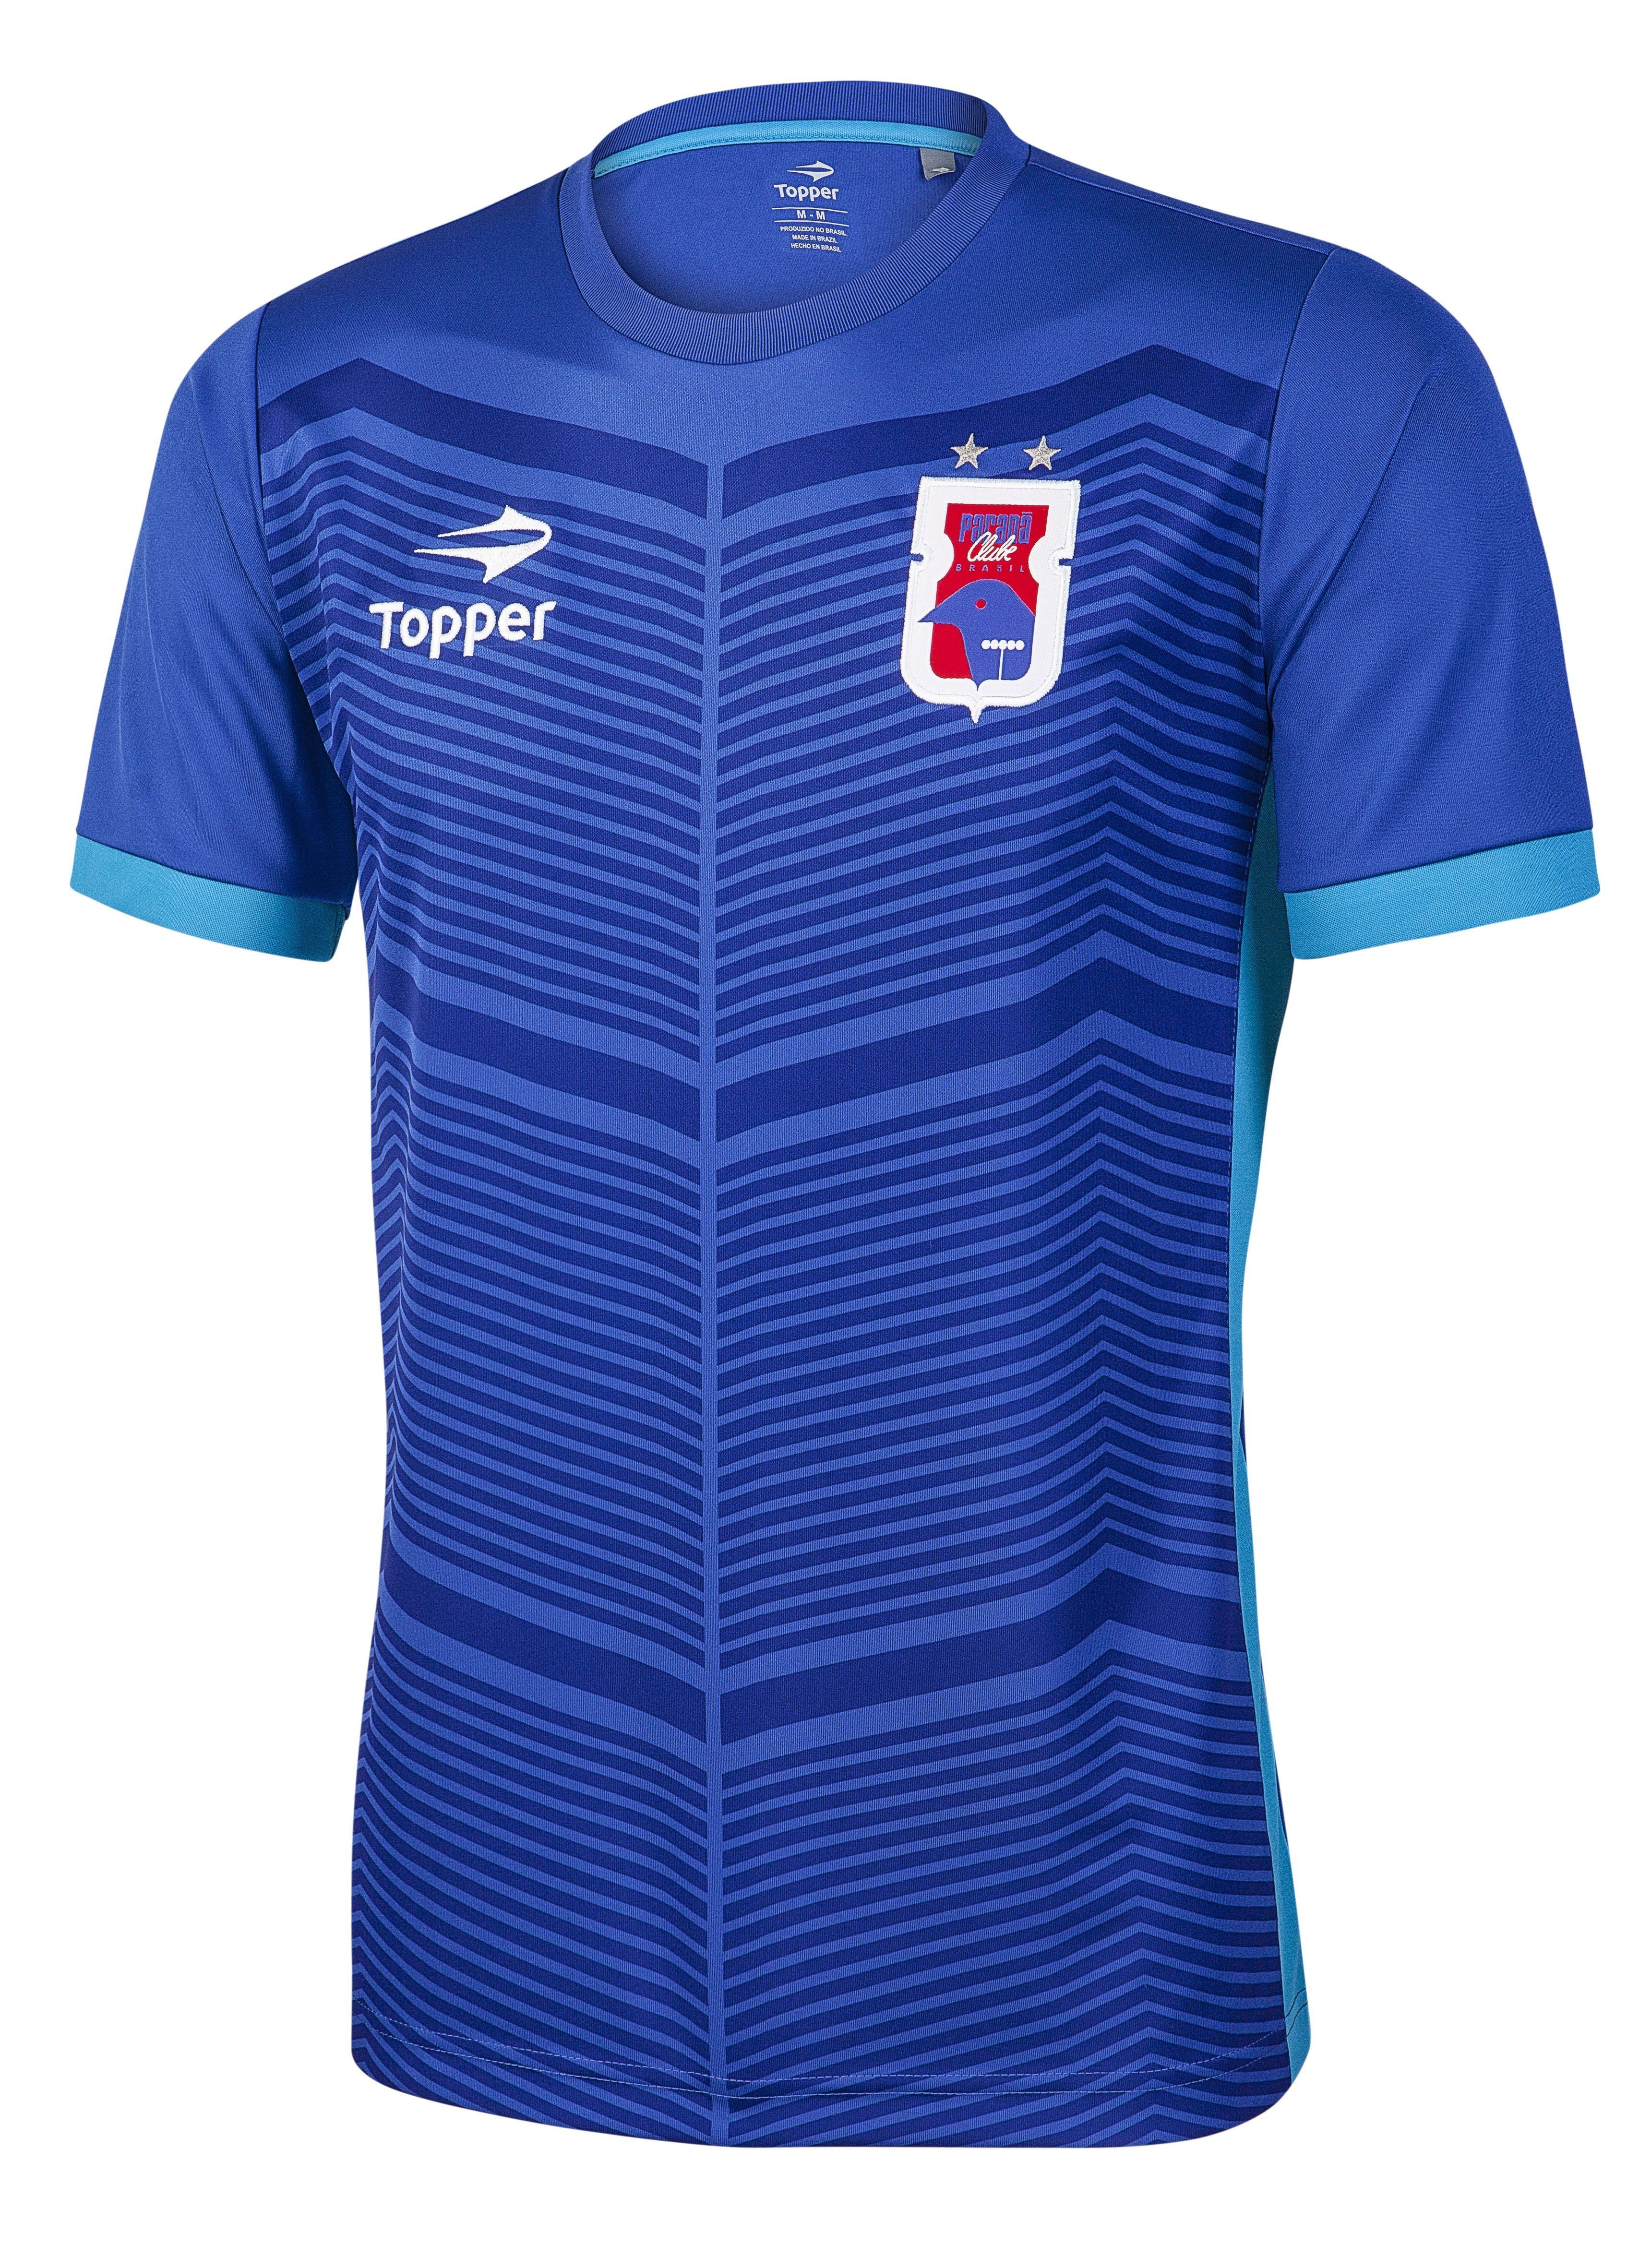 Camisas de treino – Os uniformes de treino do Paraná Clube também foram  inspirados no pinhão adea08481a358